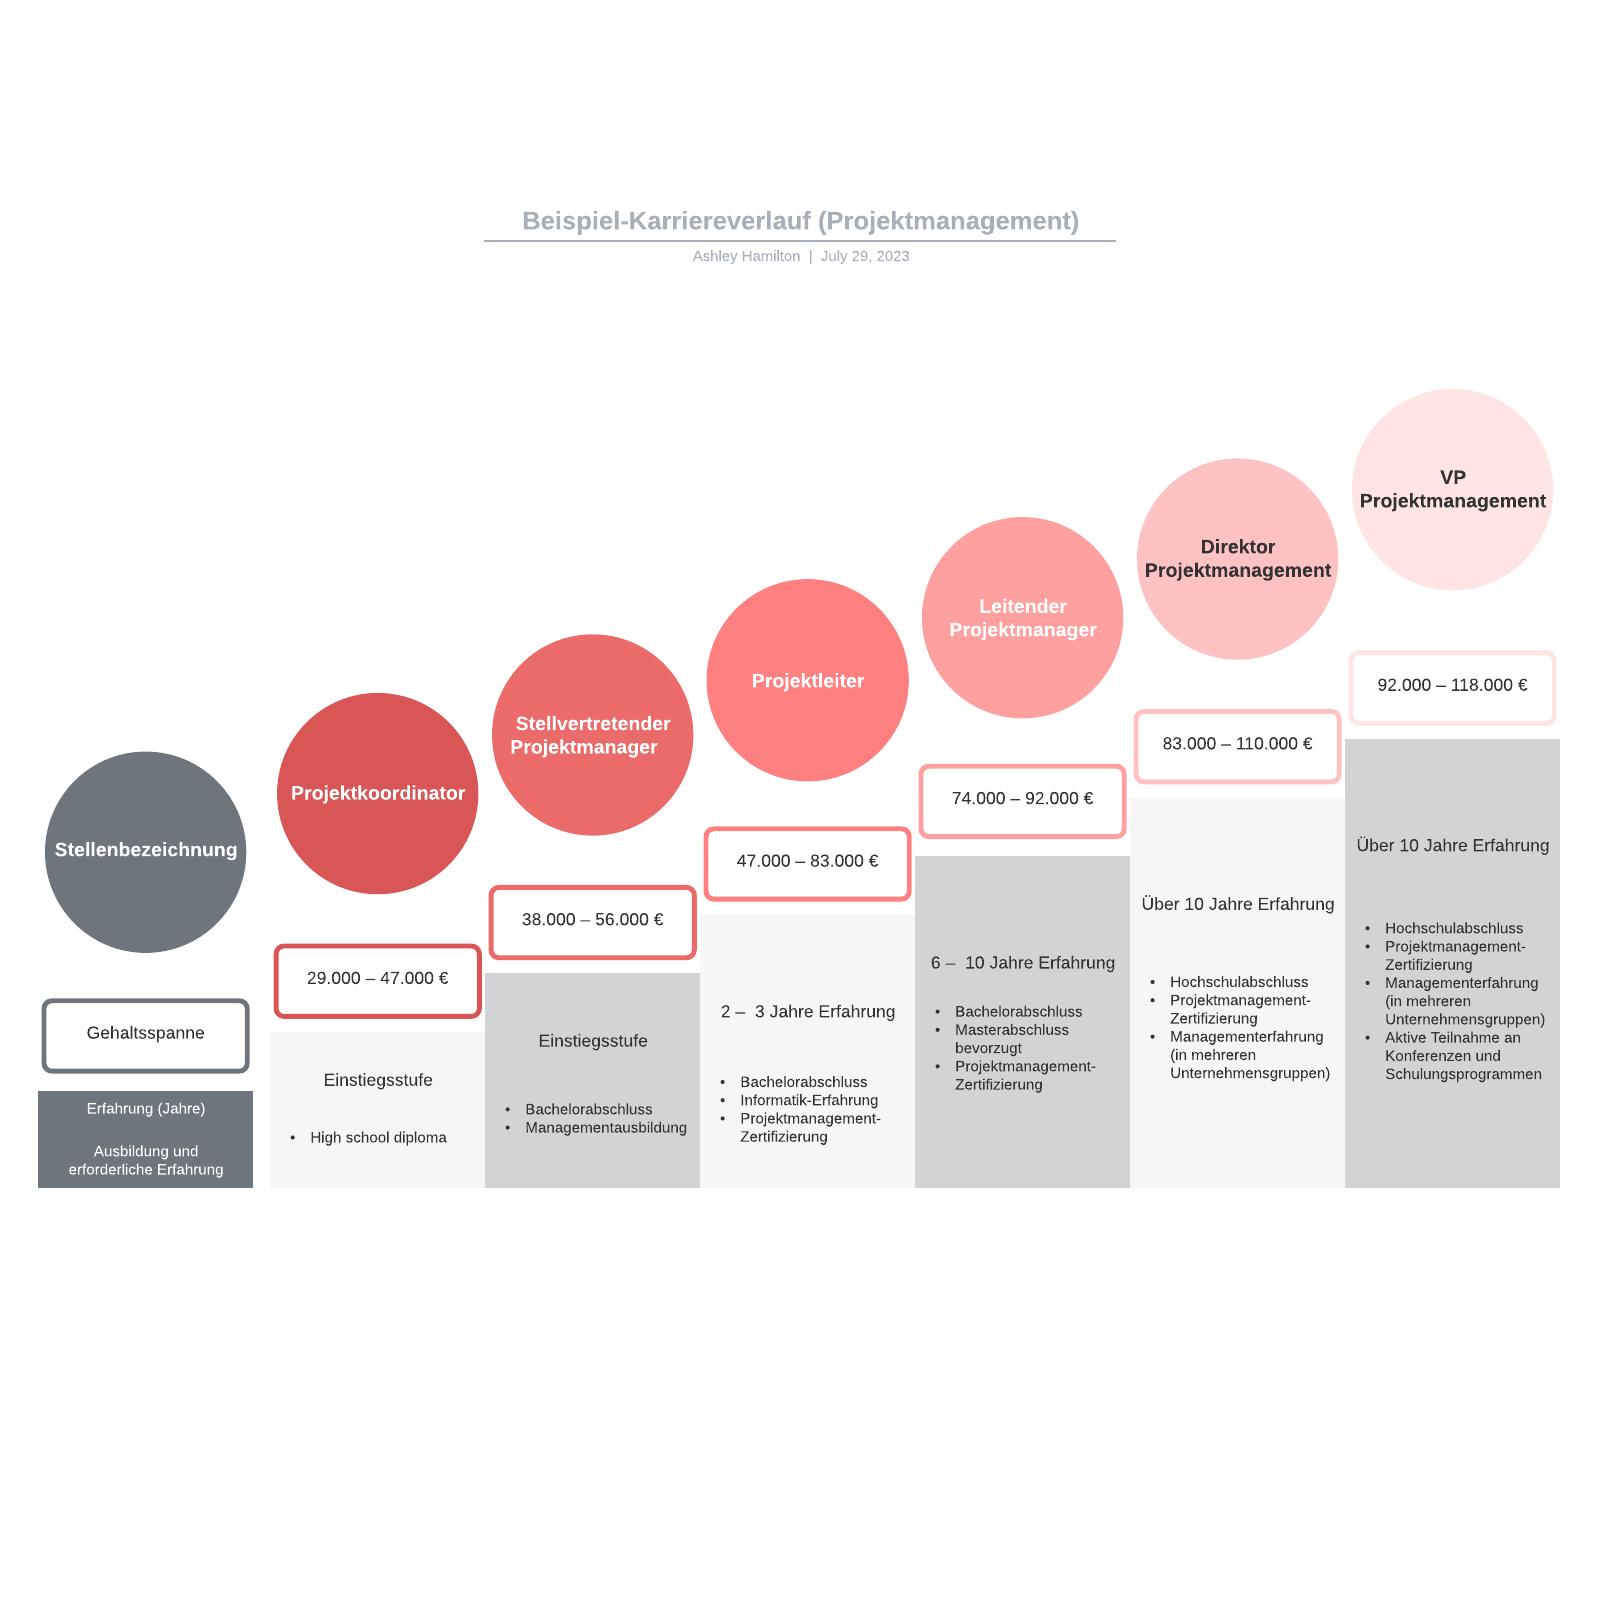 Karriereverlauf (Projektmanagement) Beispiel